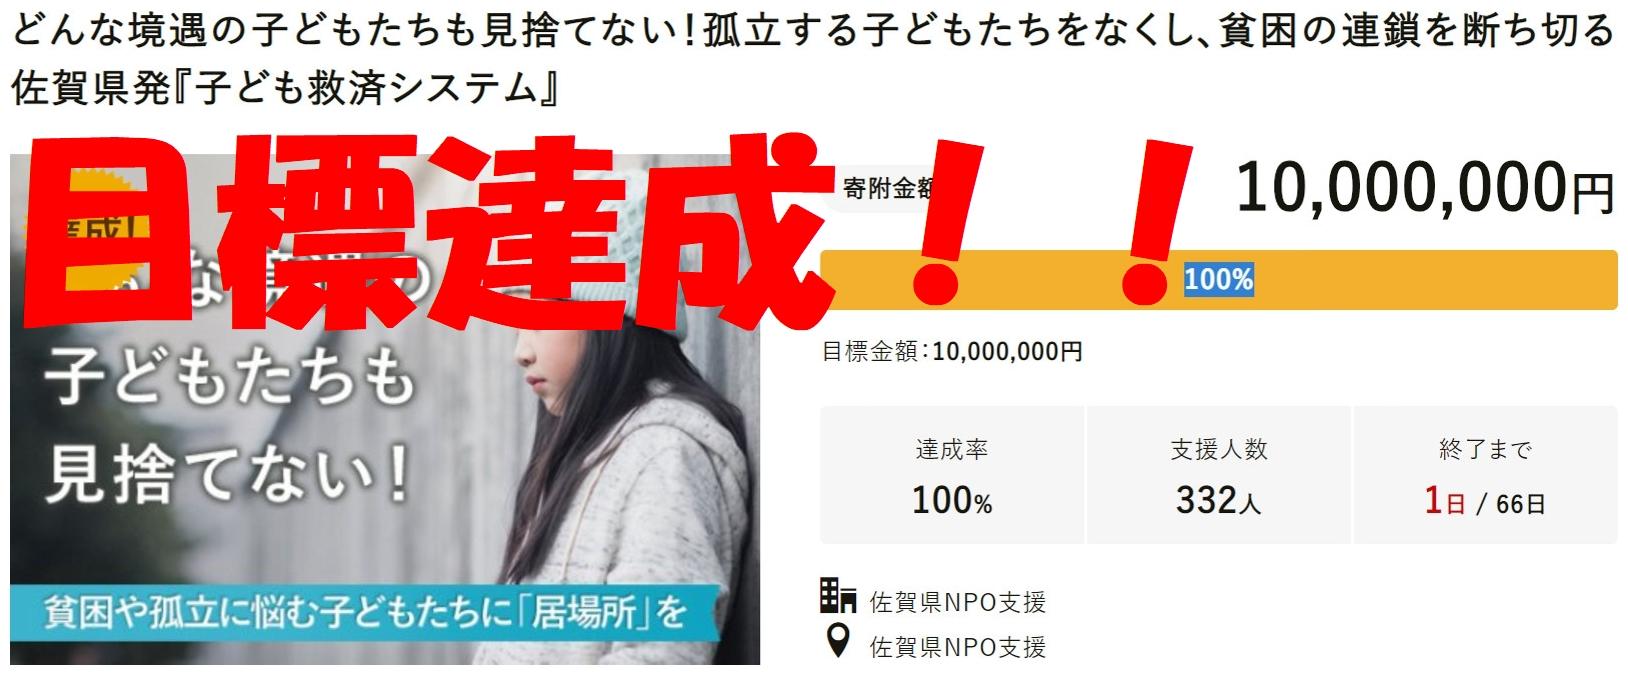 佐賀県発『子ども救済システム』目標達成!!